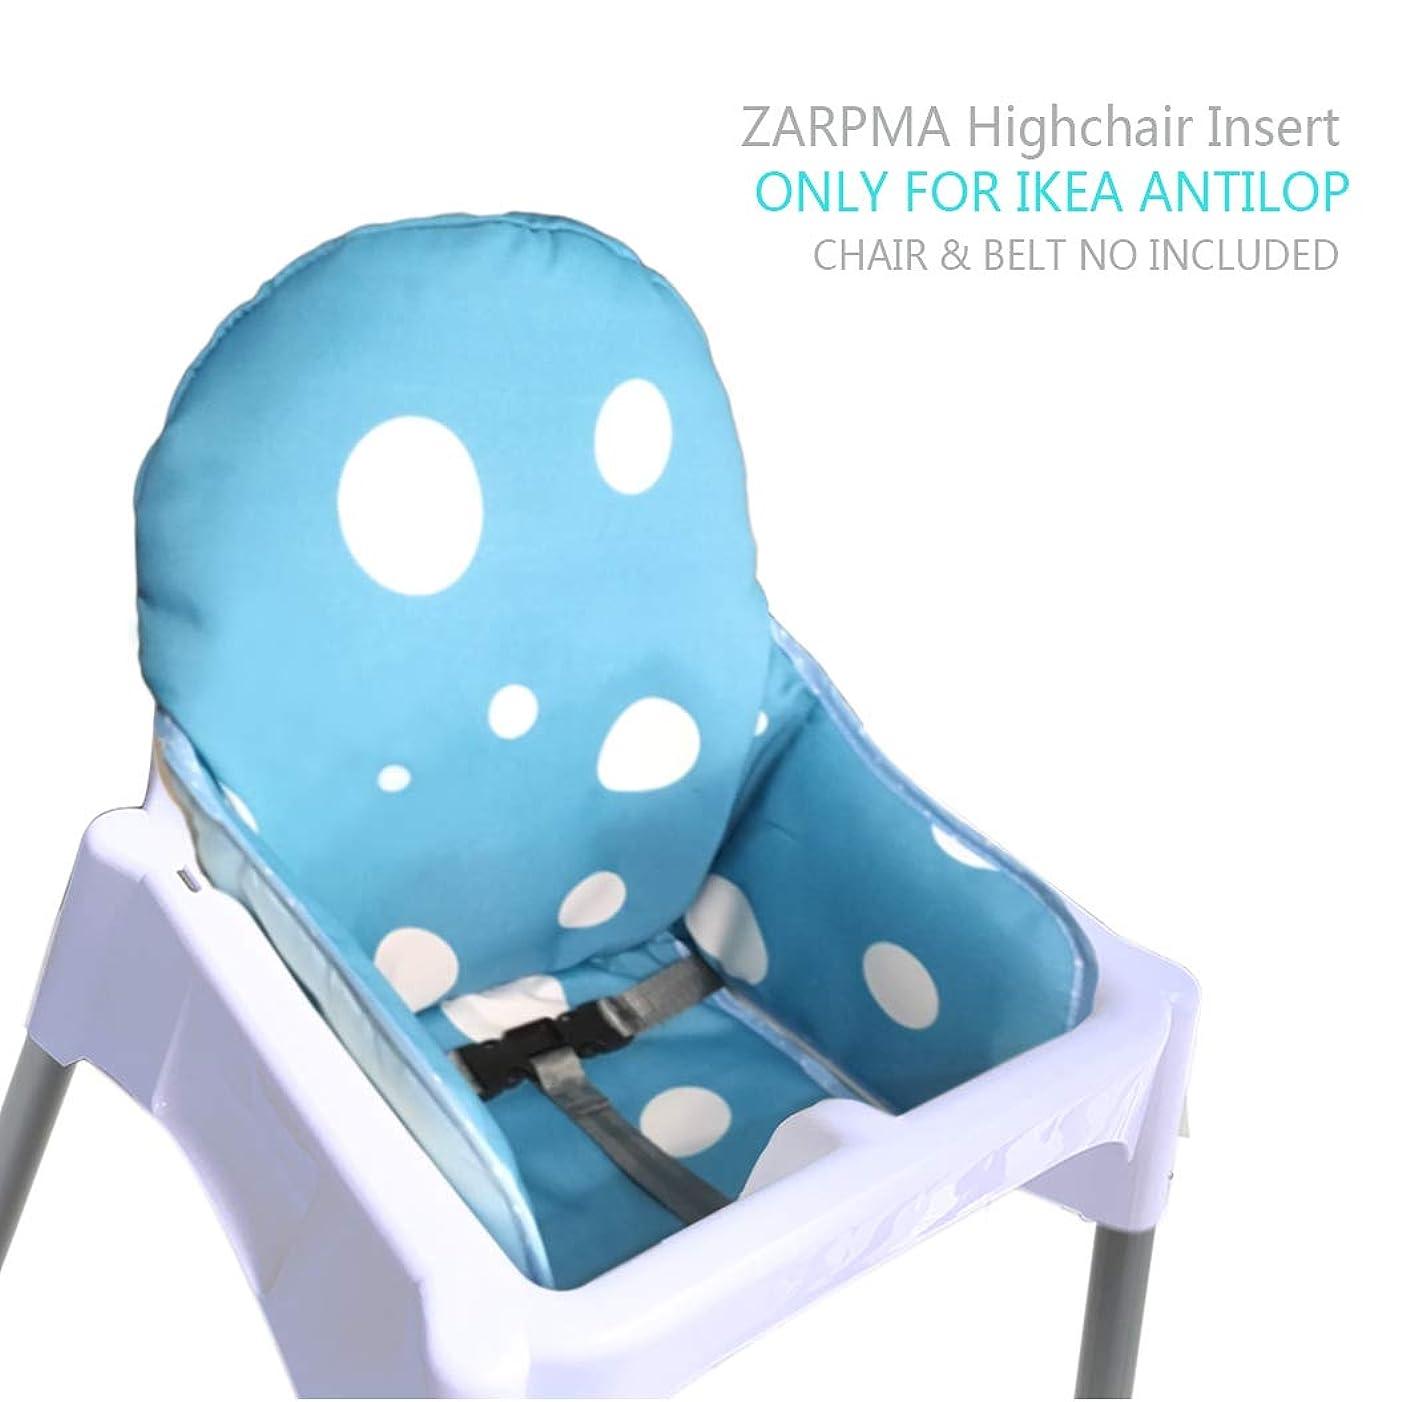 不十分な一族警告するZARPMA Ikea Antilop ハイチェアークッション、ベビーハイチェアシートカバー、洗い可能と折りたたみ可能 -ハイチェアと安全シートは含めない (ブルー)